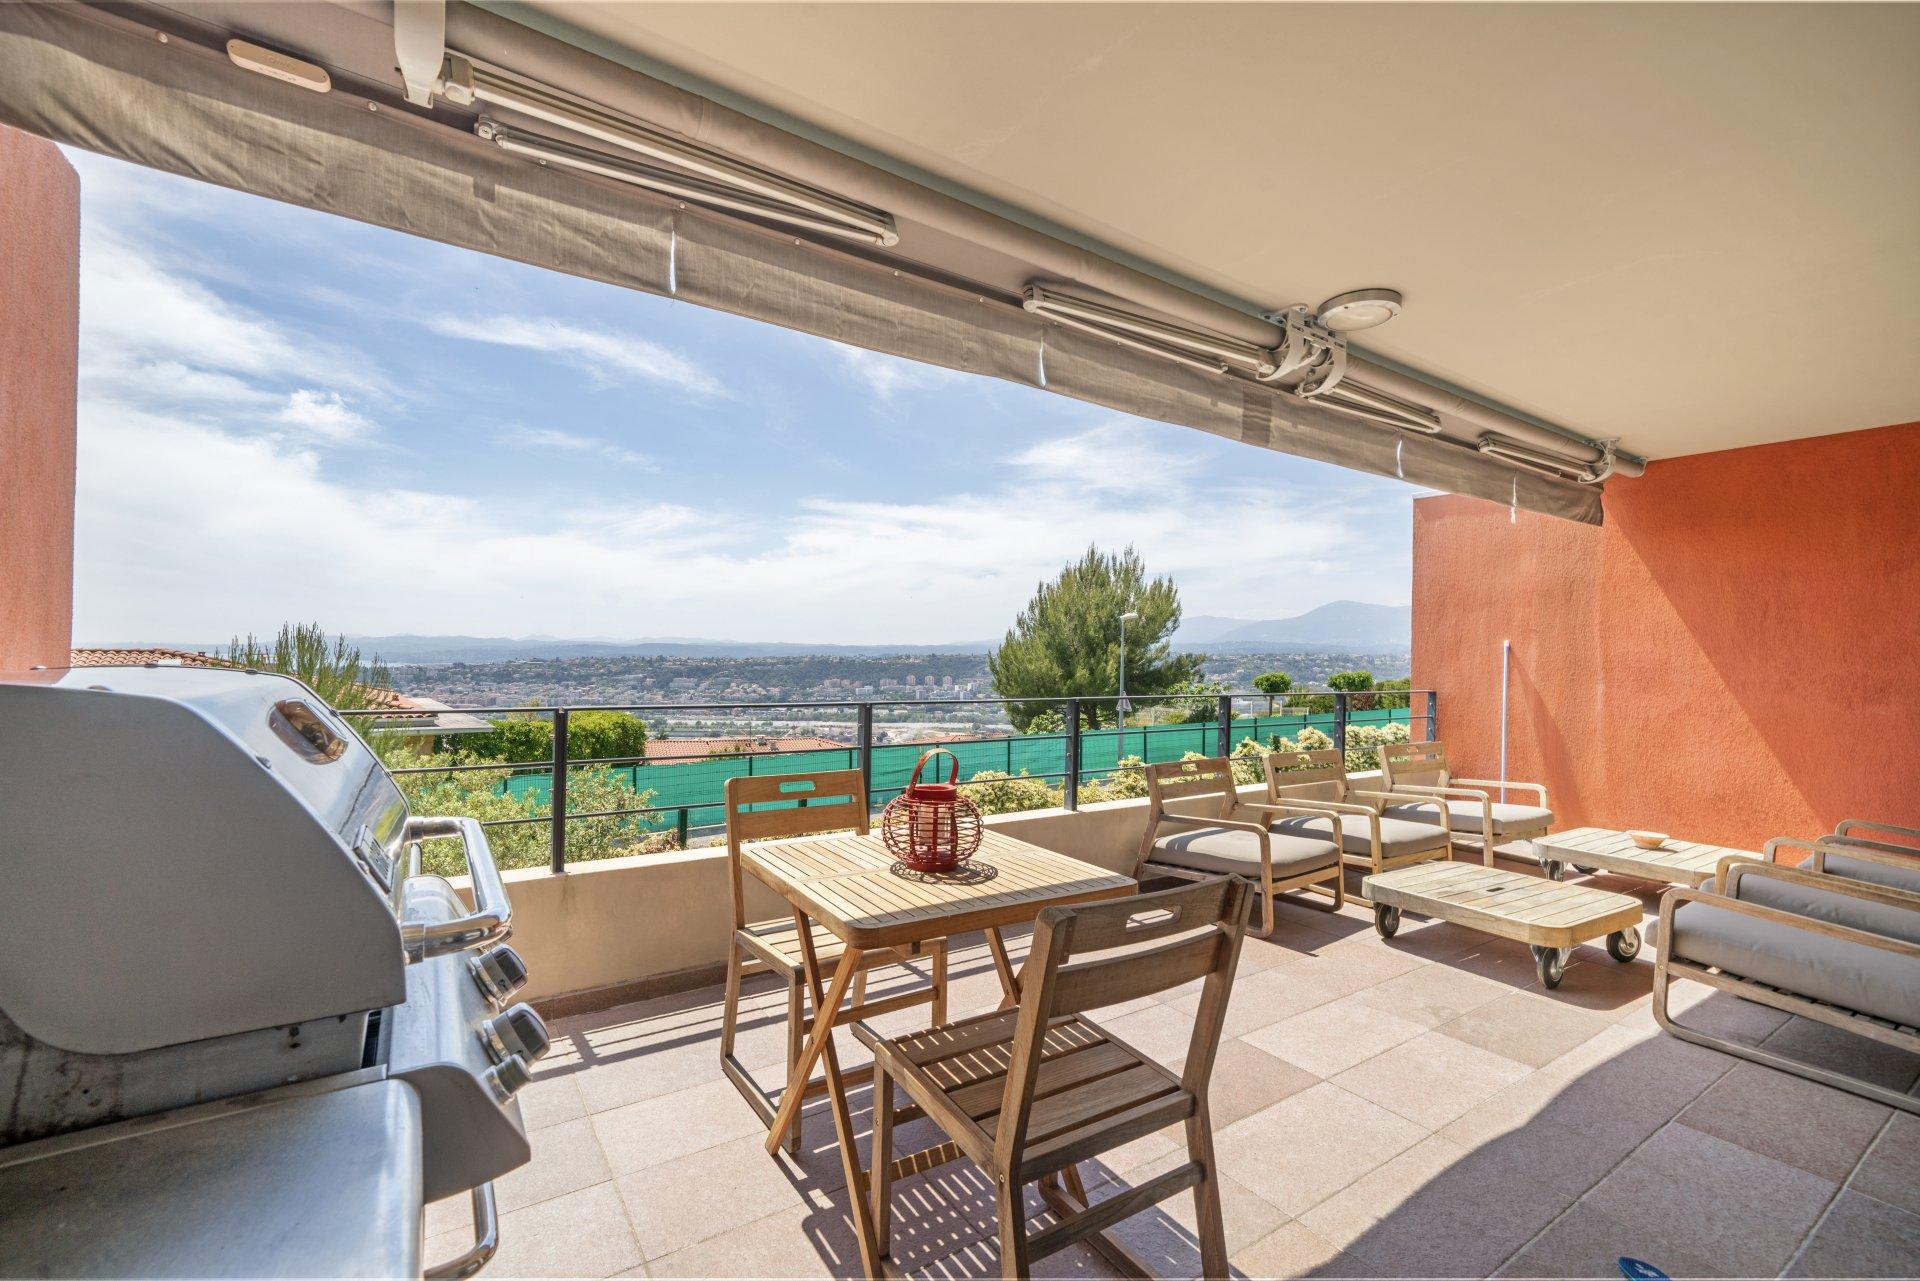 Appartement / Villa + Terrasse, jardin, double garage